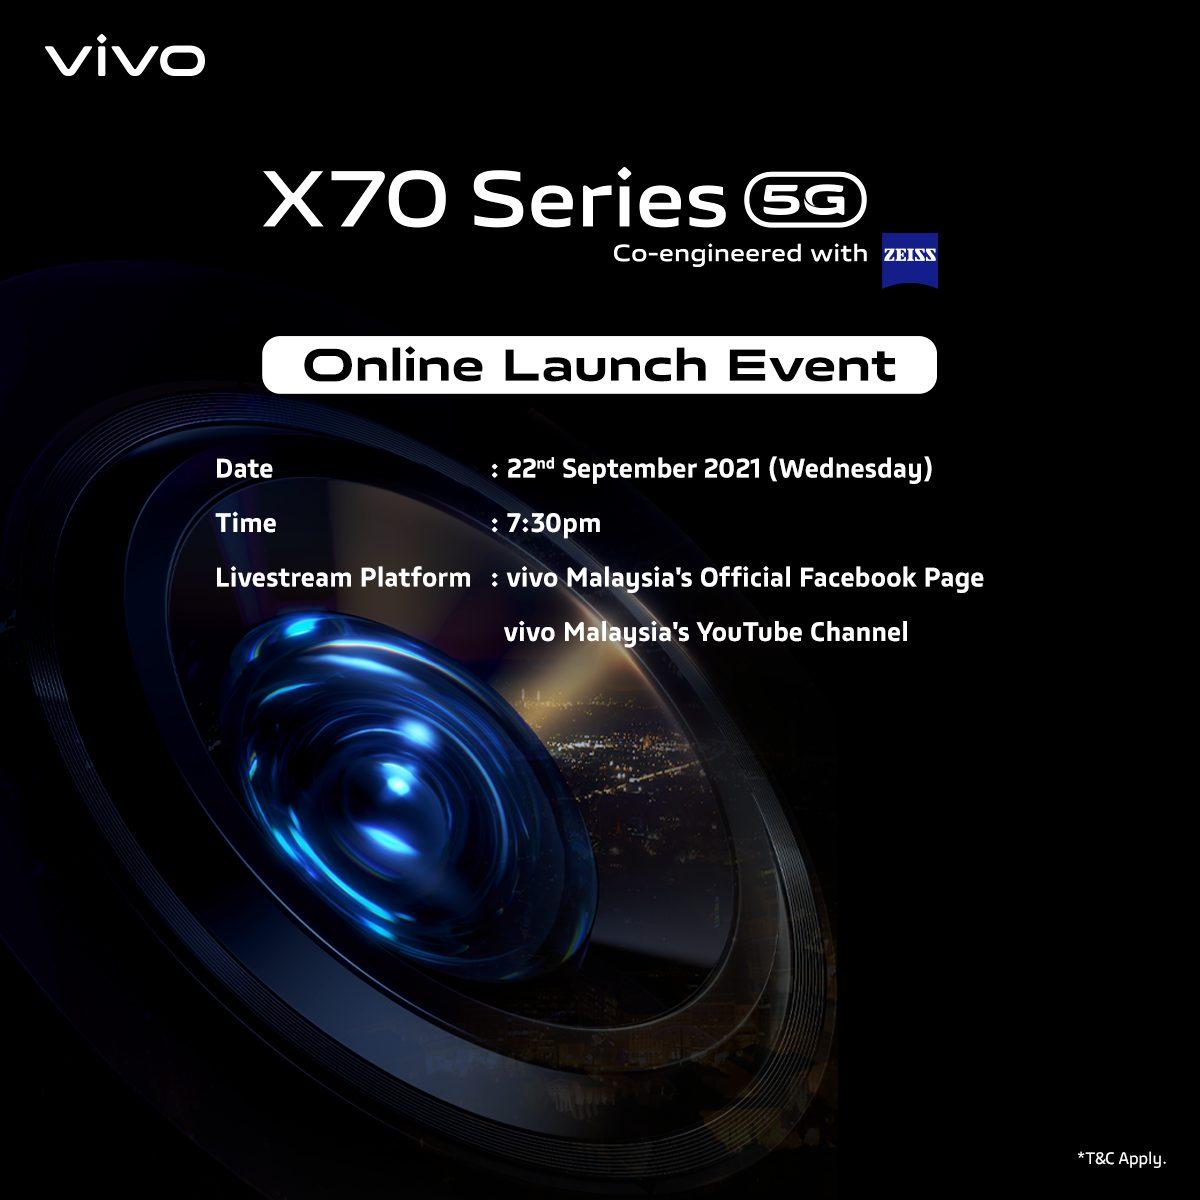 vivo X70 系列蔡司镜头再升级!带你看透大马隐藏之美!顶级拍照旗舰手机将于9月22日正式发布!-Woah.MY